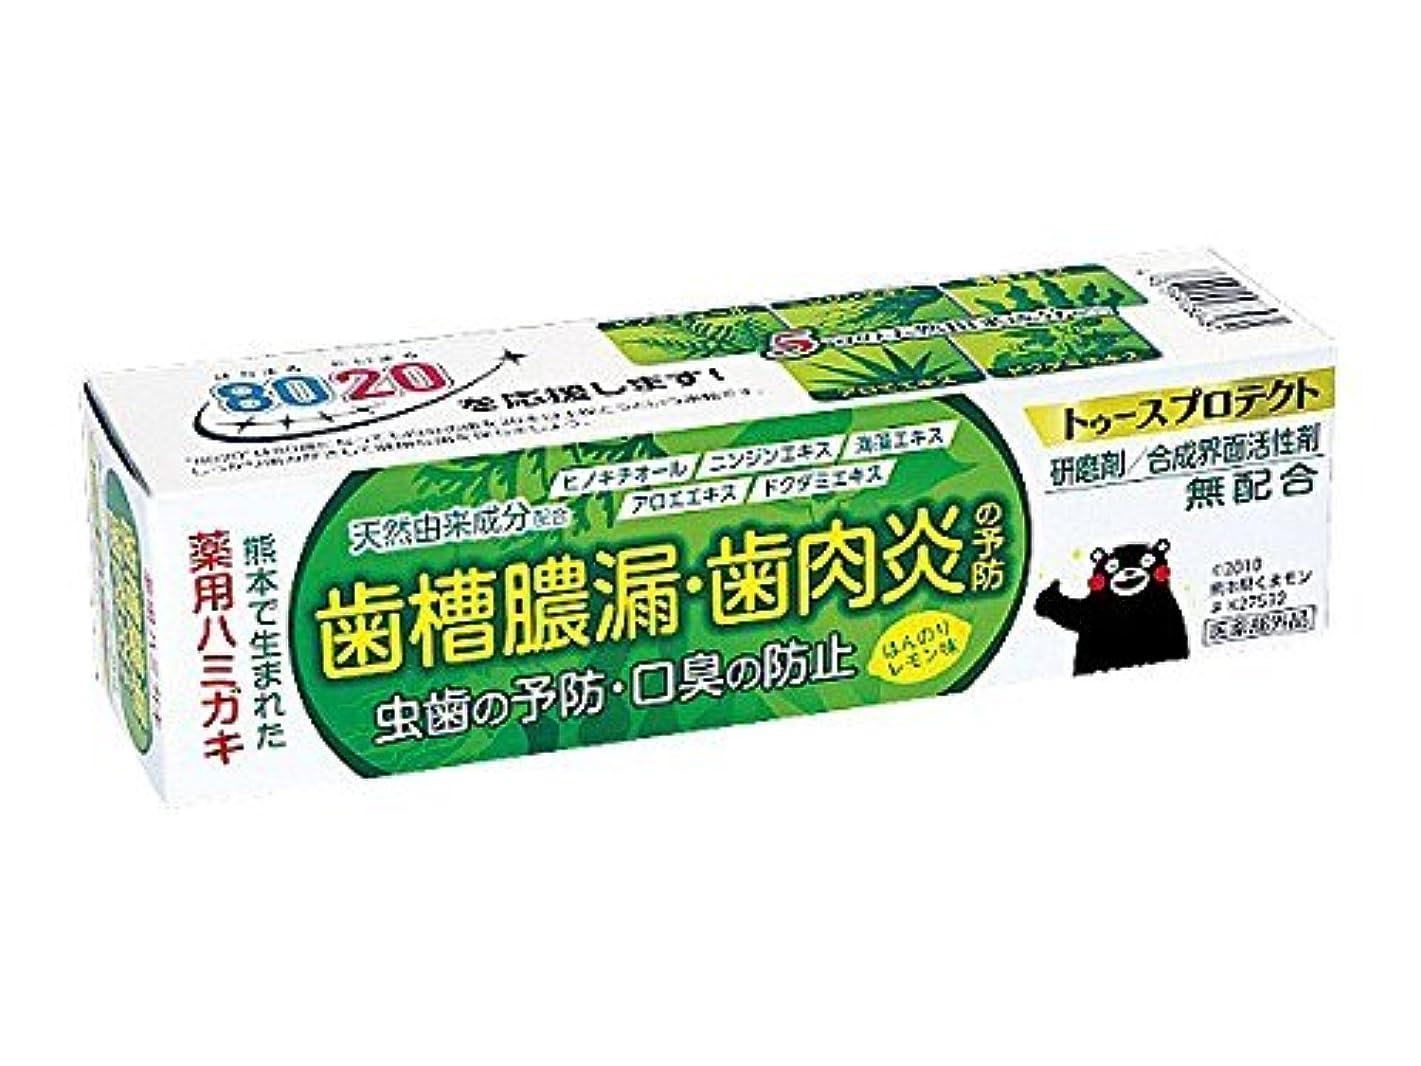 ポジション法律により【4個セット】トゥースプロテクト100g [医薬部外品]